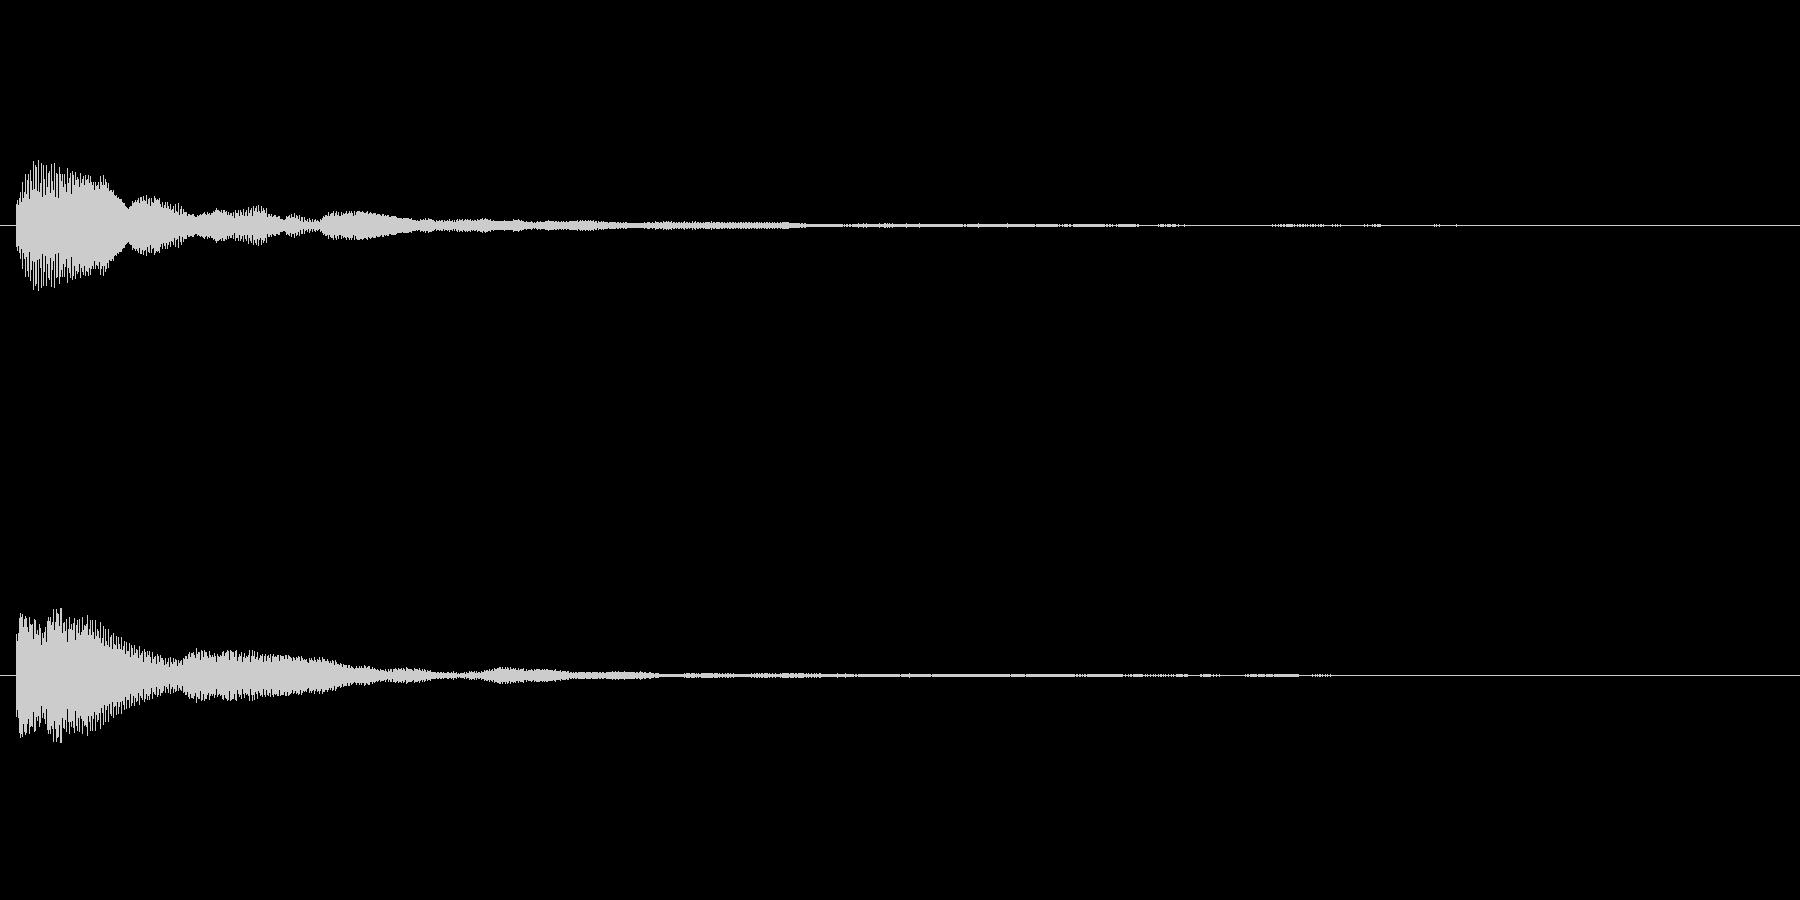 ポーン テロップ・決定音・タッチ音の未再生の波形